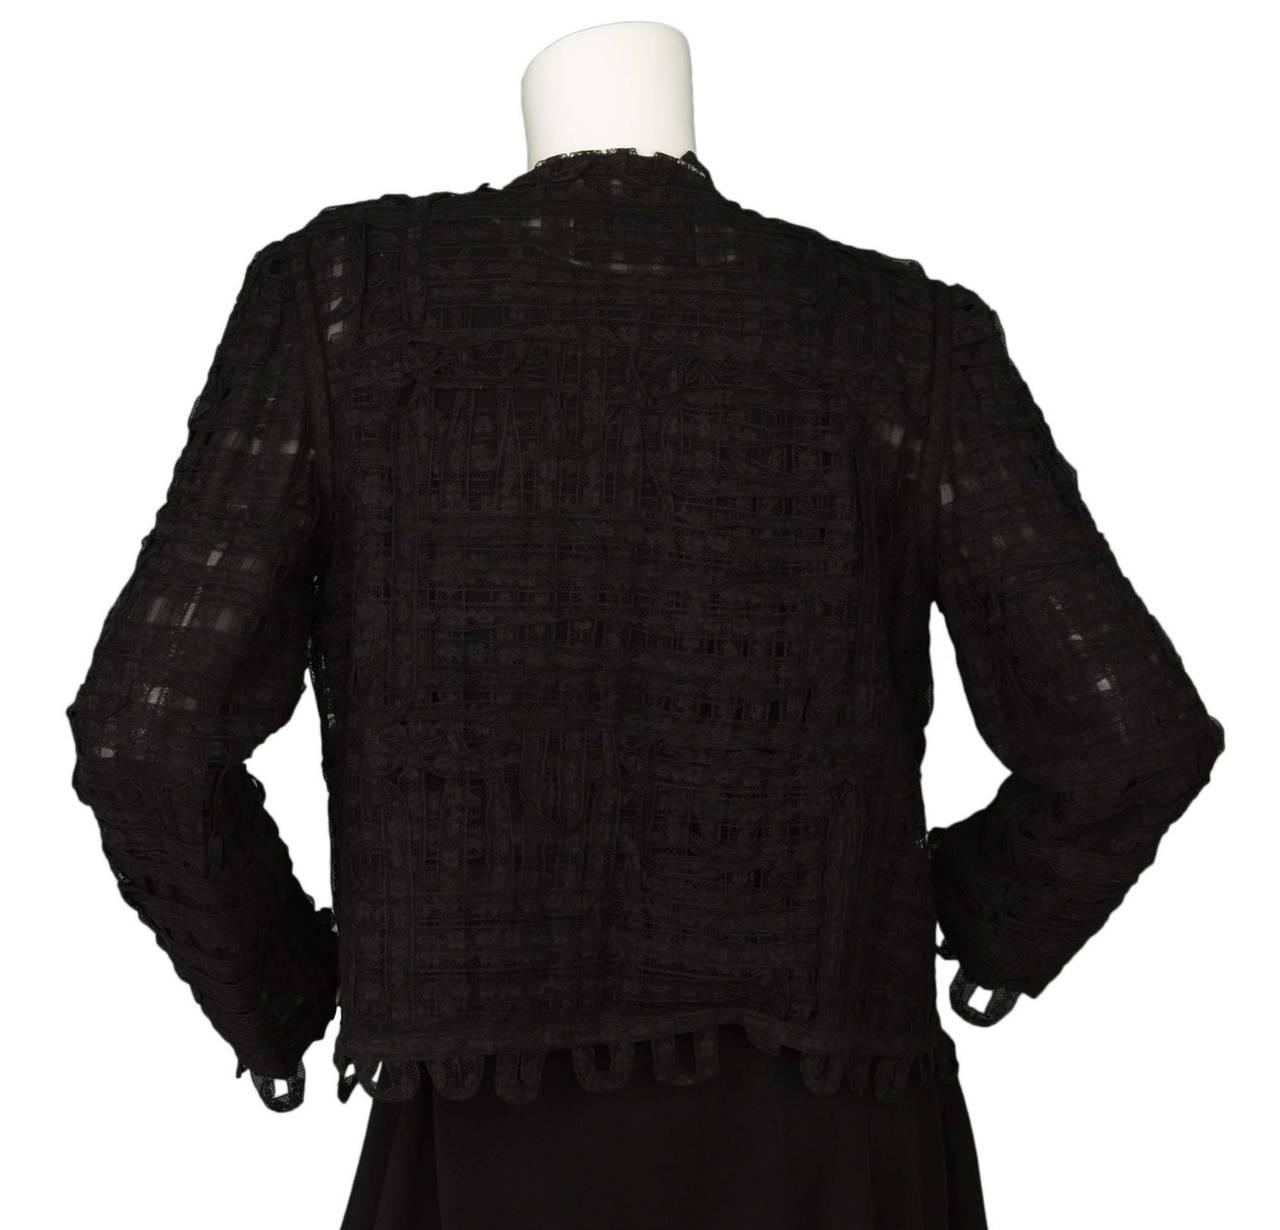 CHANEL Black Lace Open Front Jacket sz M 3